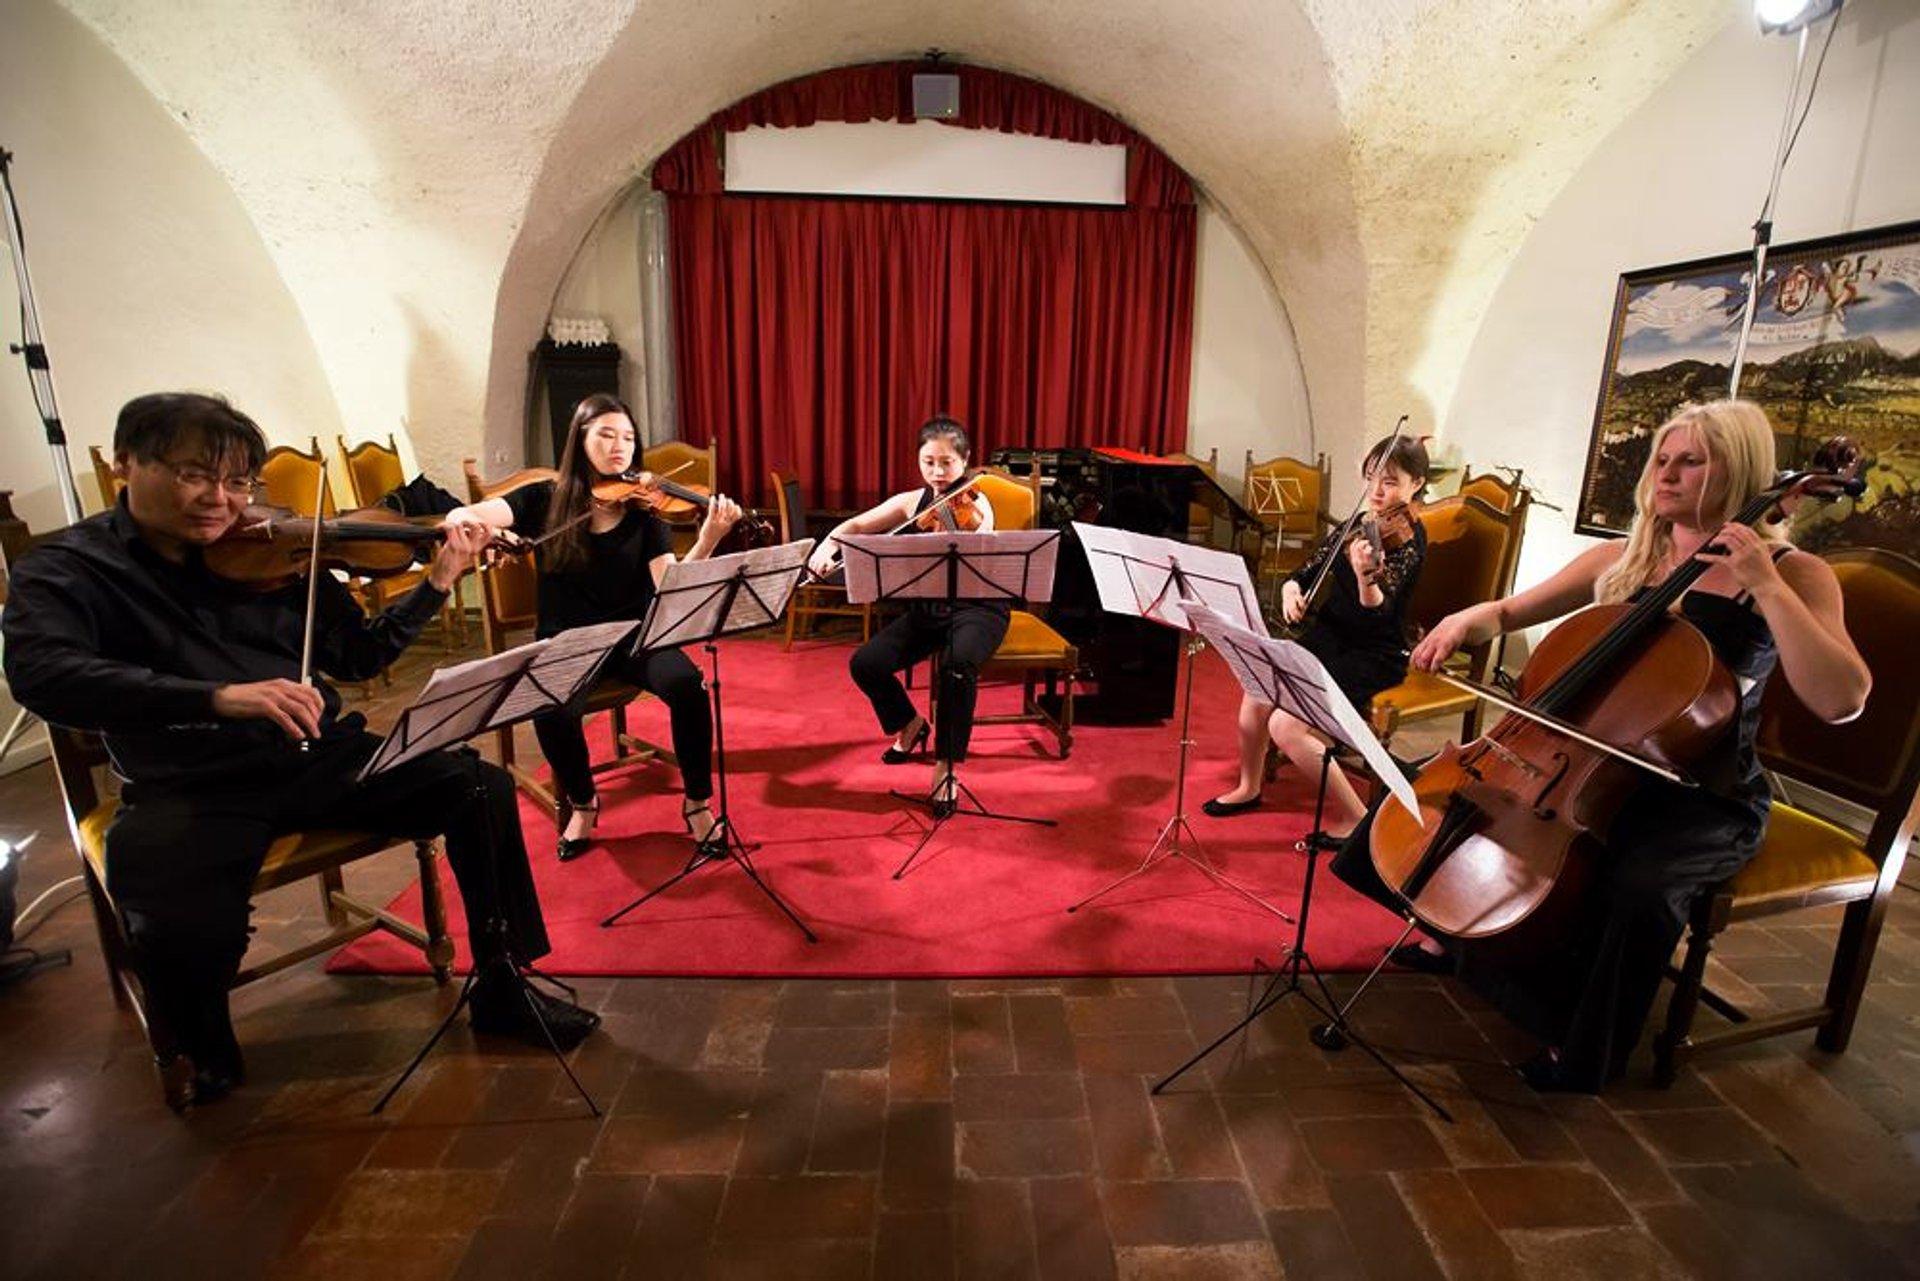 Festival Bled in Slovenia - Best Season